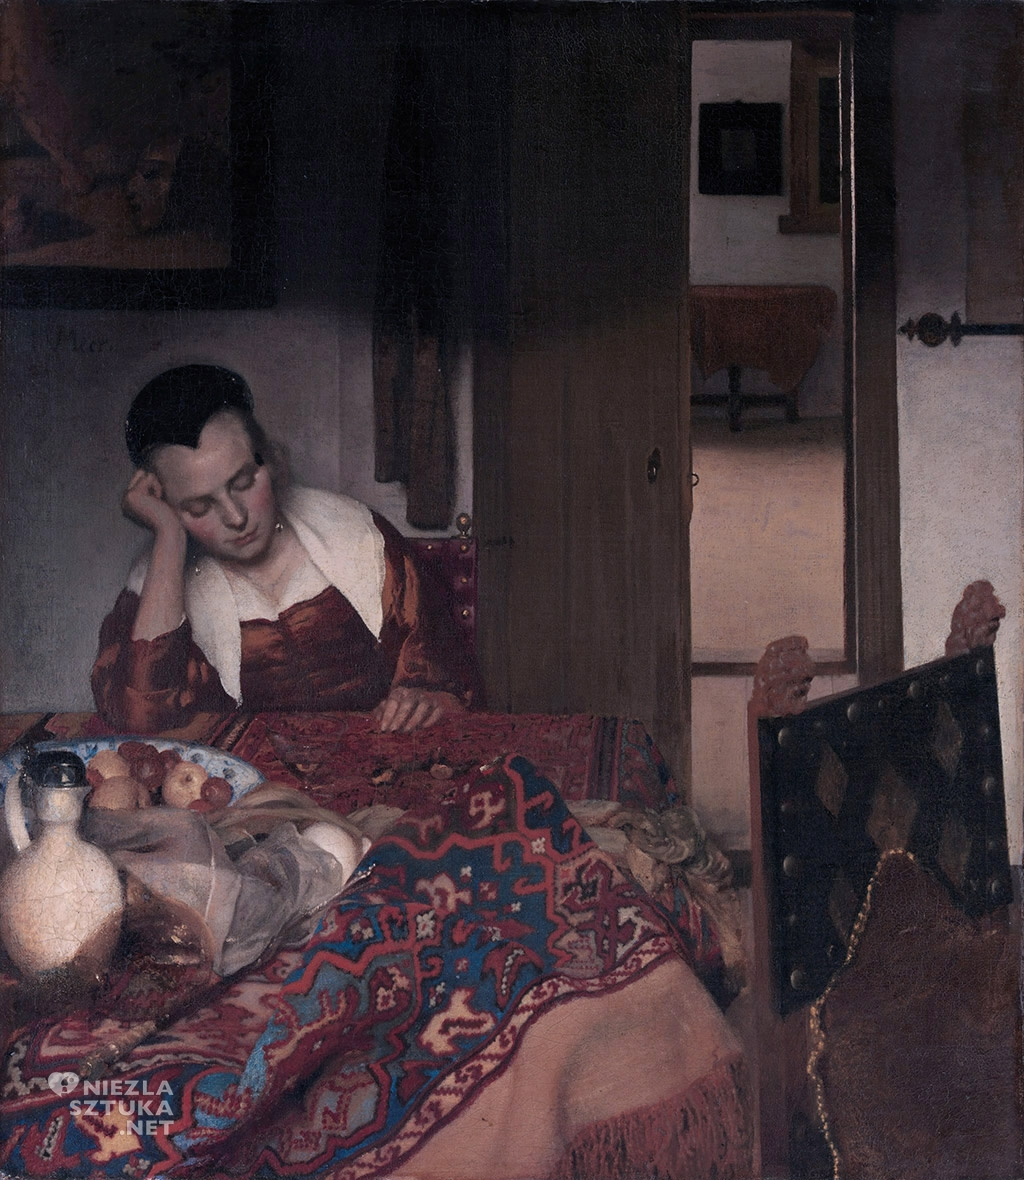 Johannes Vermeer, Pijana dziewczyna śpiąca przy stole, malarstwo niderlandzkie, Niezła Sztuka